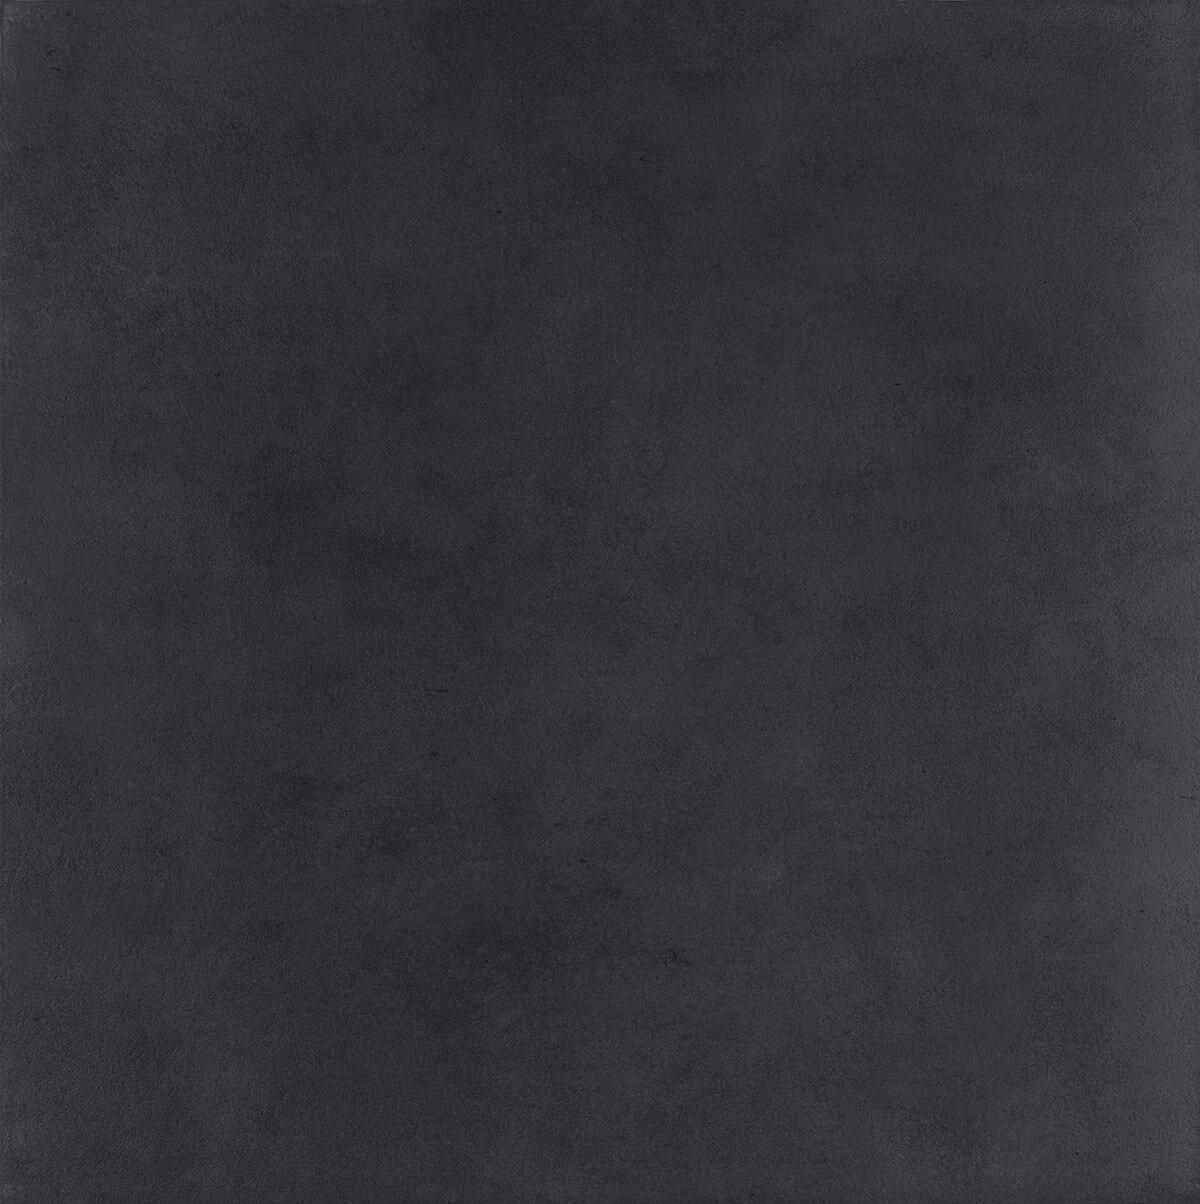 Carrelage aspect Béton Tech anthracite mat 30x60 cm